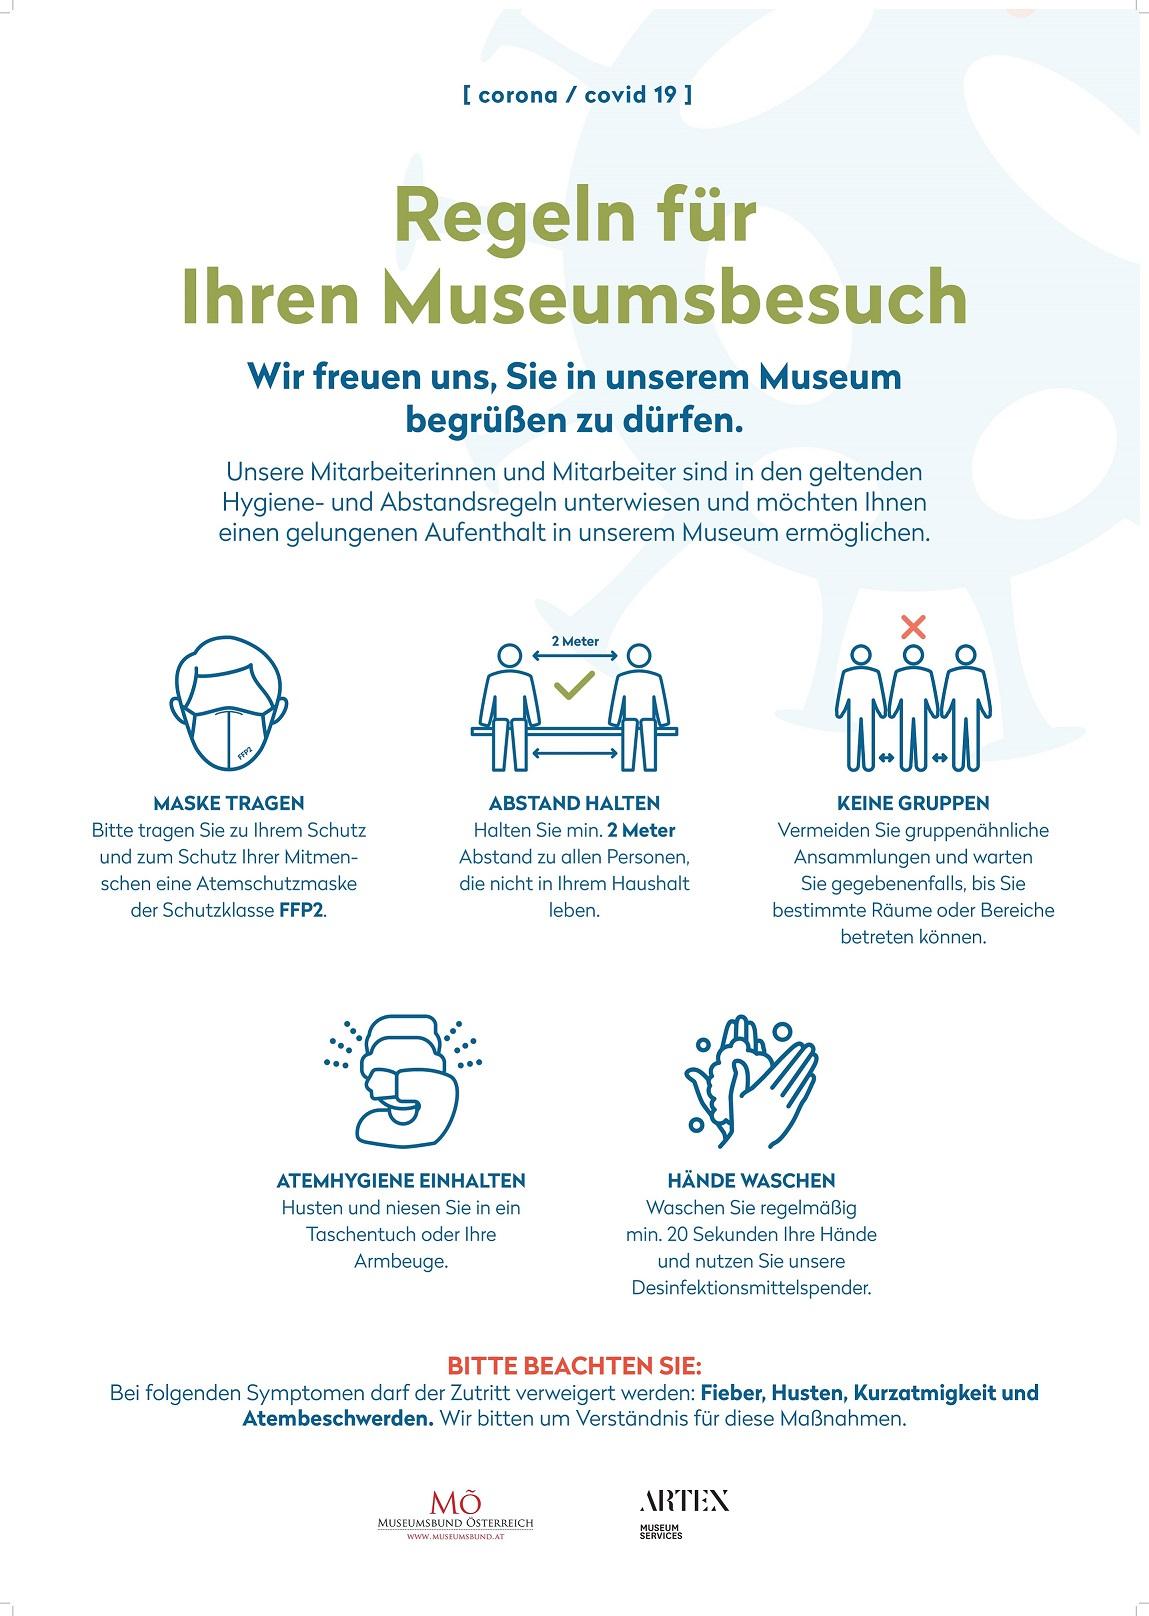 Covid-19-Regeln für den Museumsbesuch: FFP2-Maske tragen, Abstand halten, keine Gruppenbildung, Atem- und Handhygienemaßnahmen